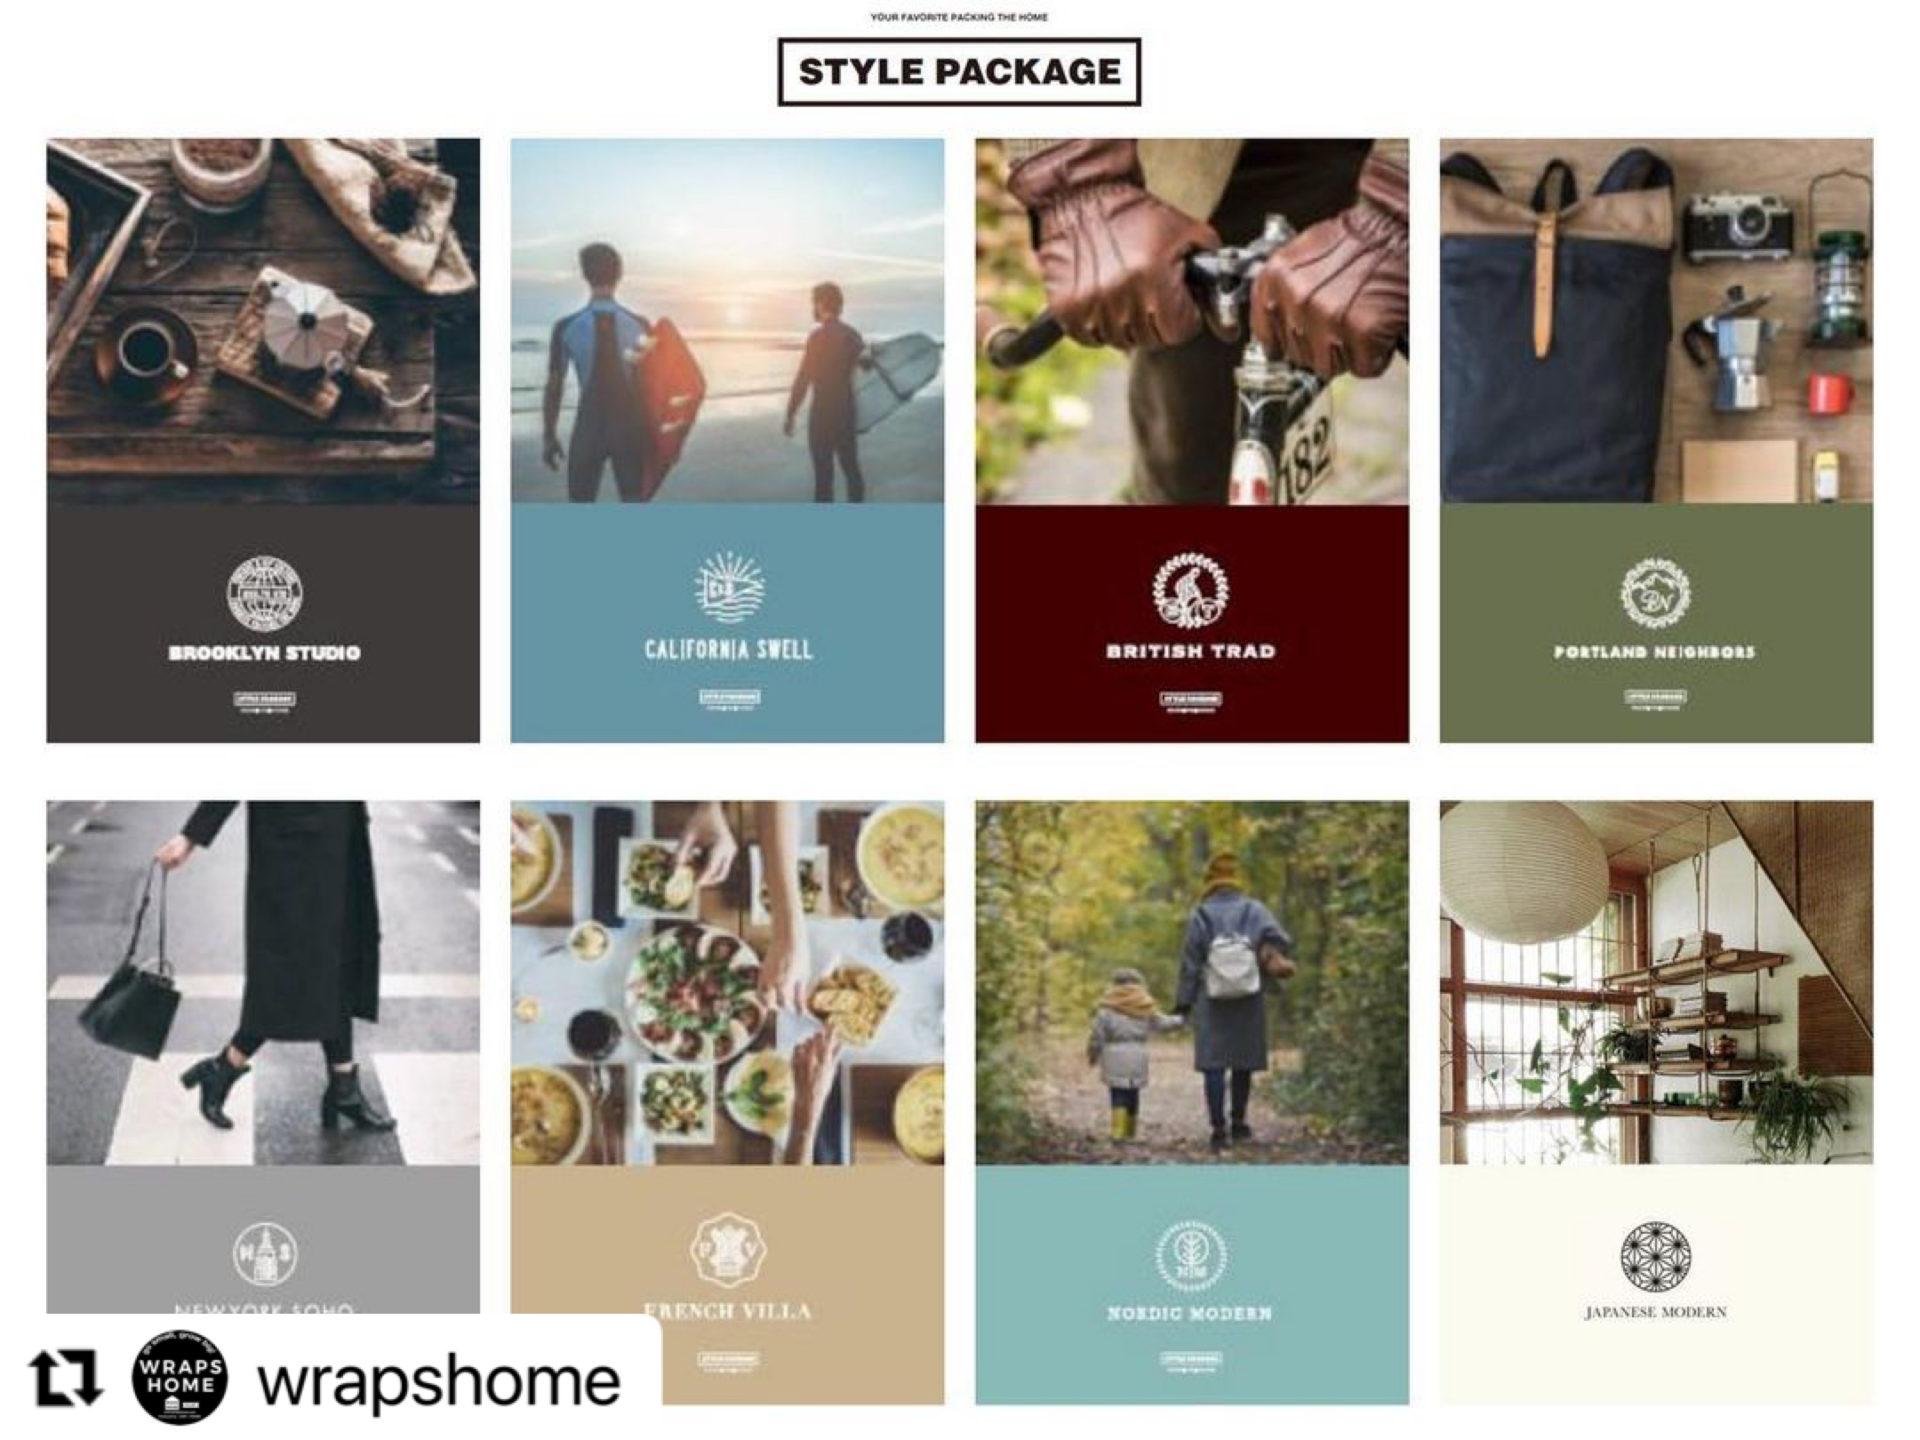 stylepackage